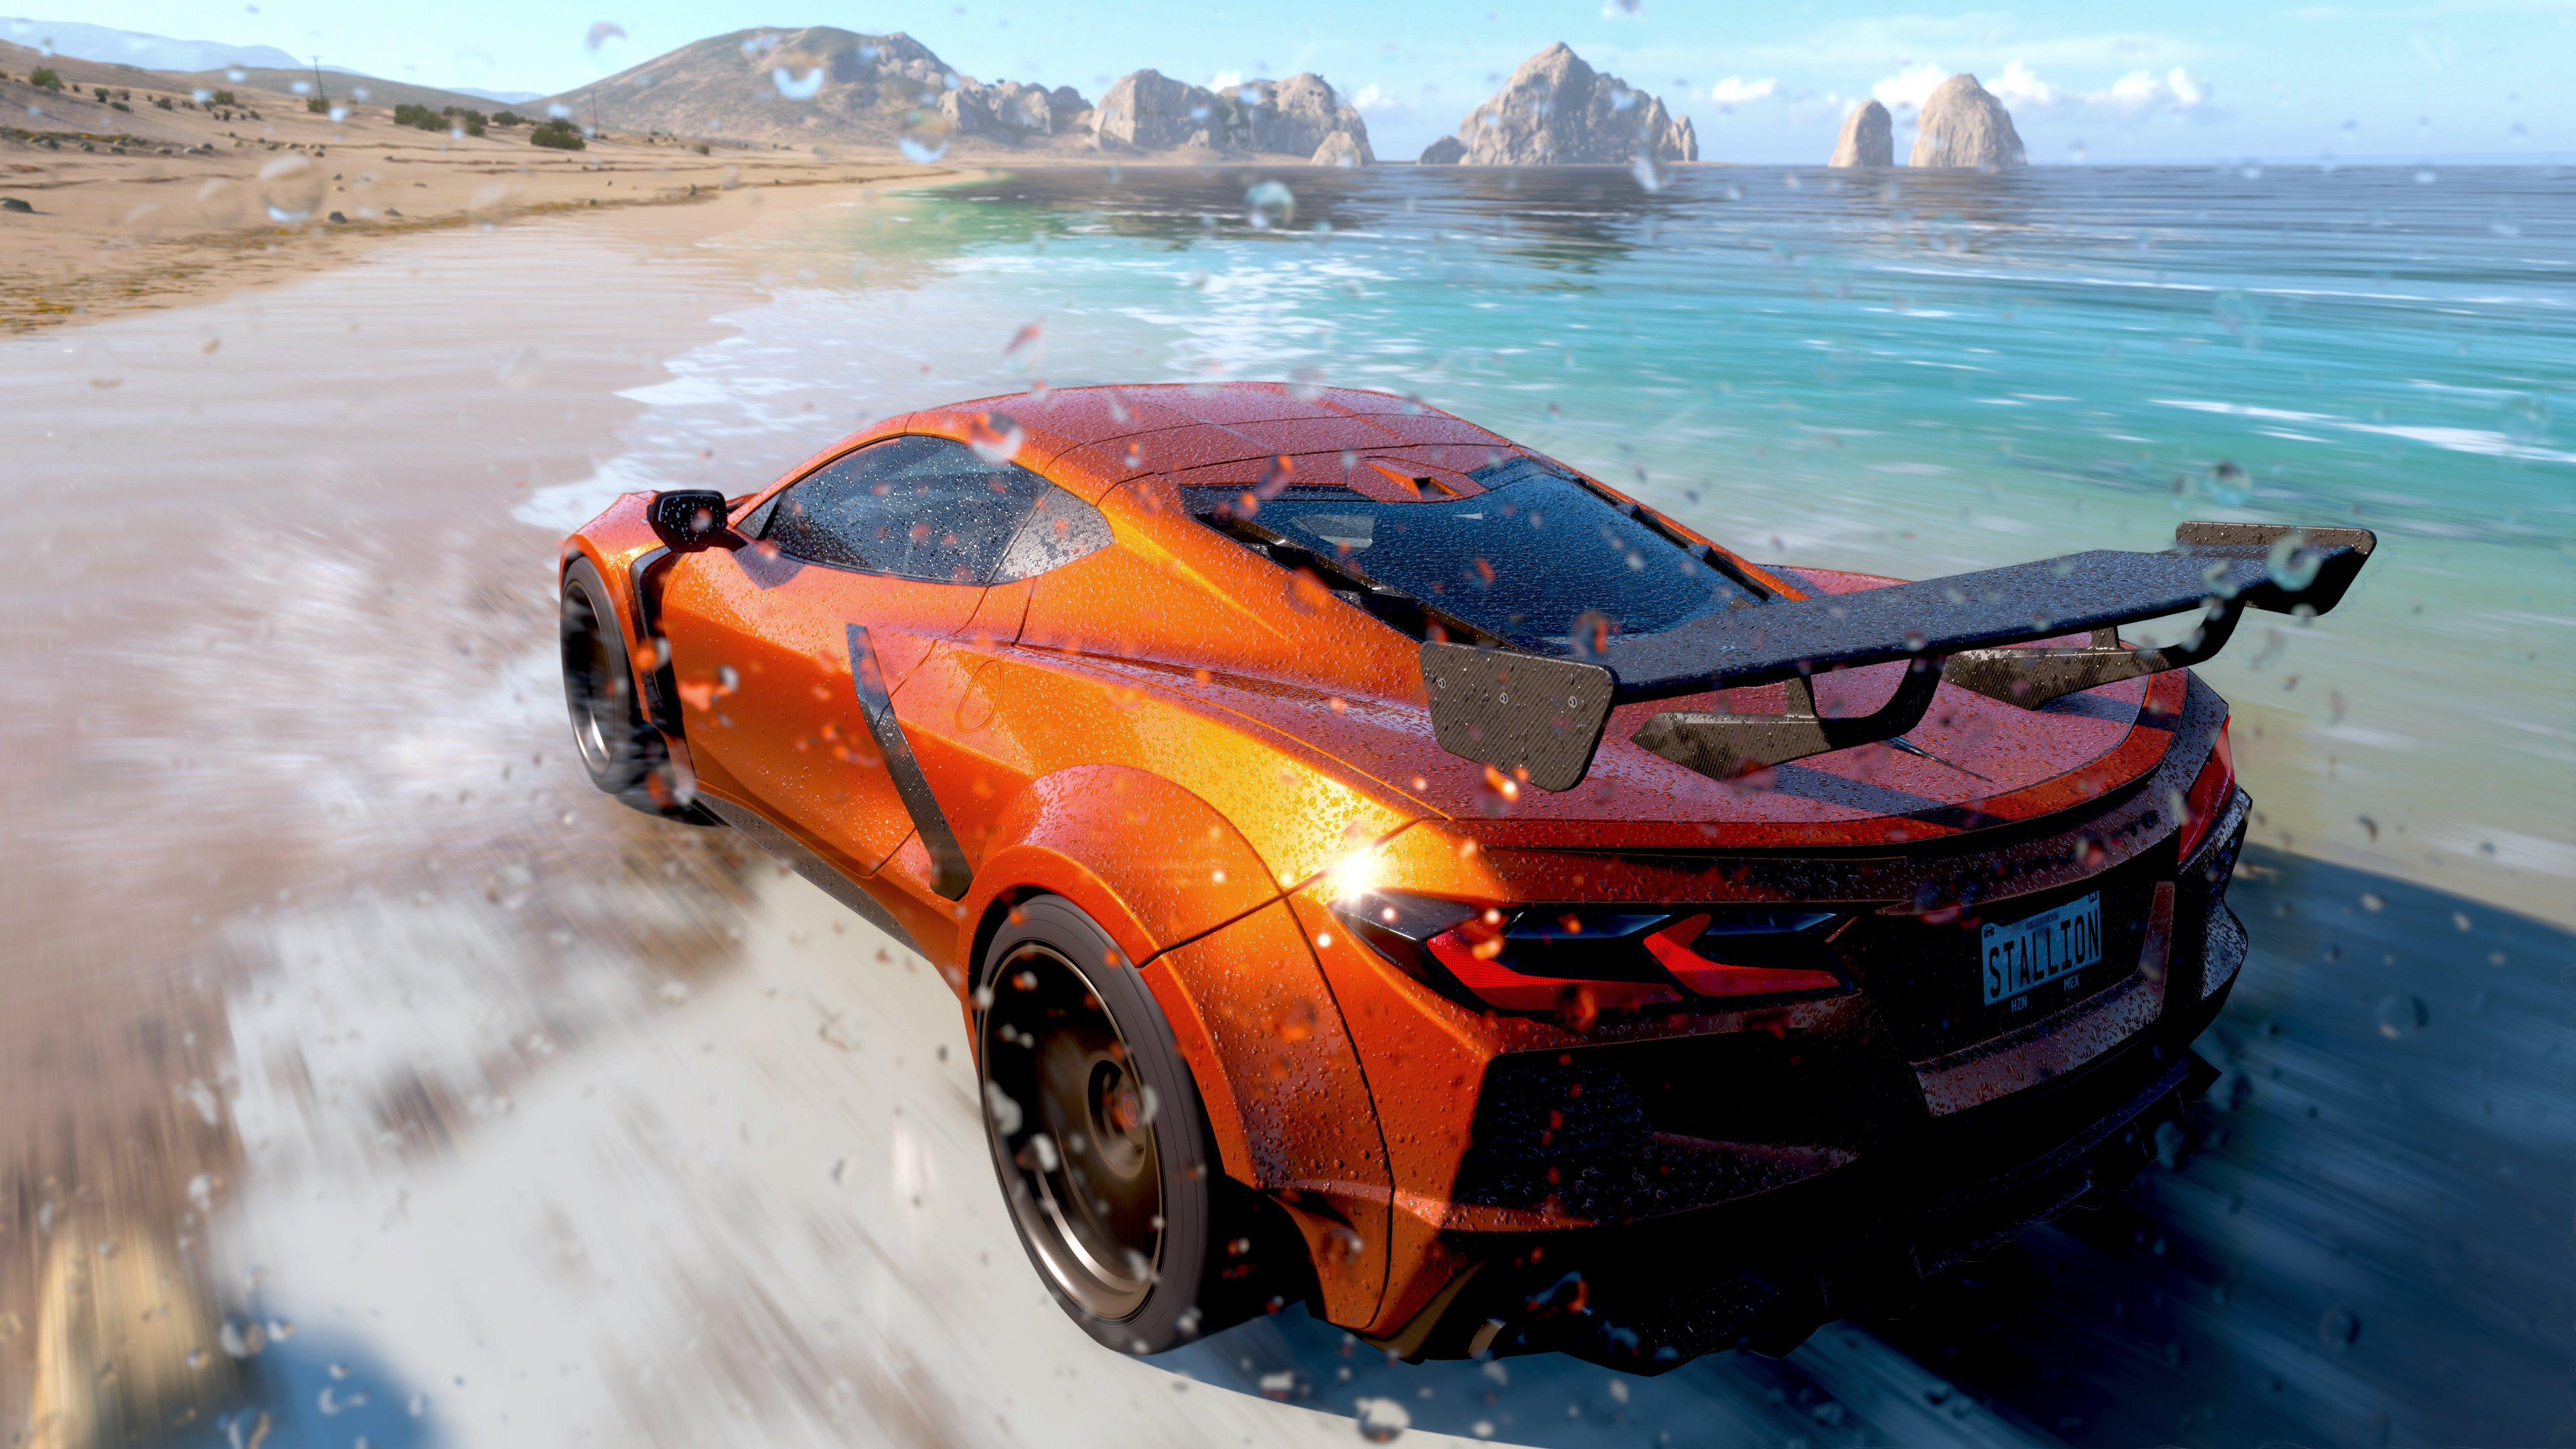 Xbox Series X'ten alınan Forza Horizon 5 görselleri paylaşıldı: Tek kelimeyle harikalar